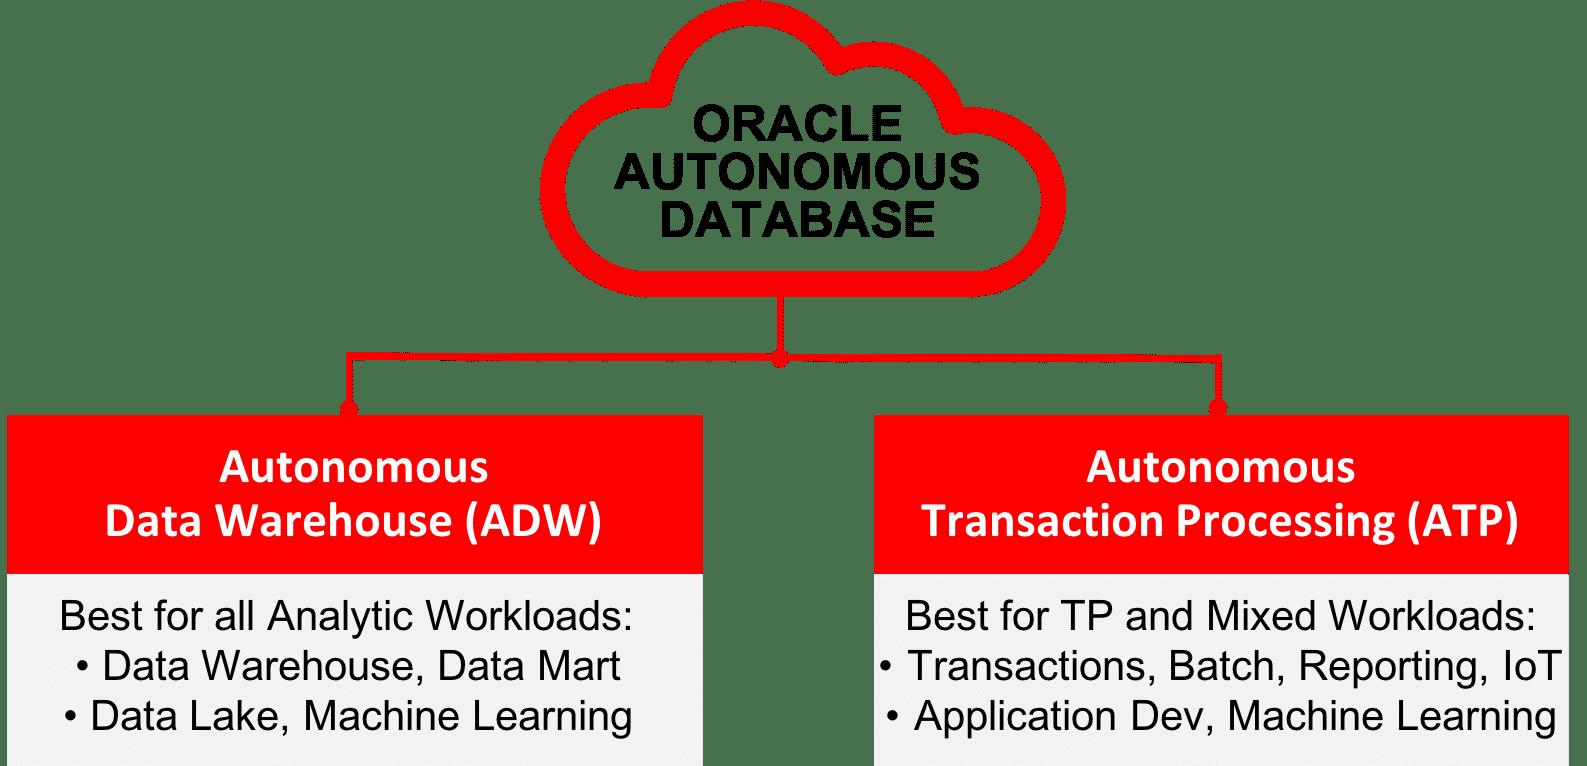 Oracle-Autonomous-Database